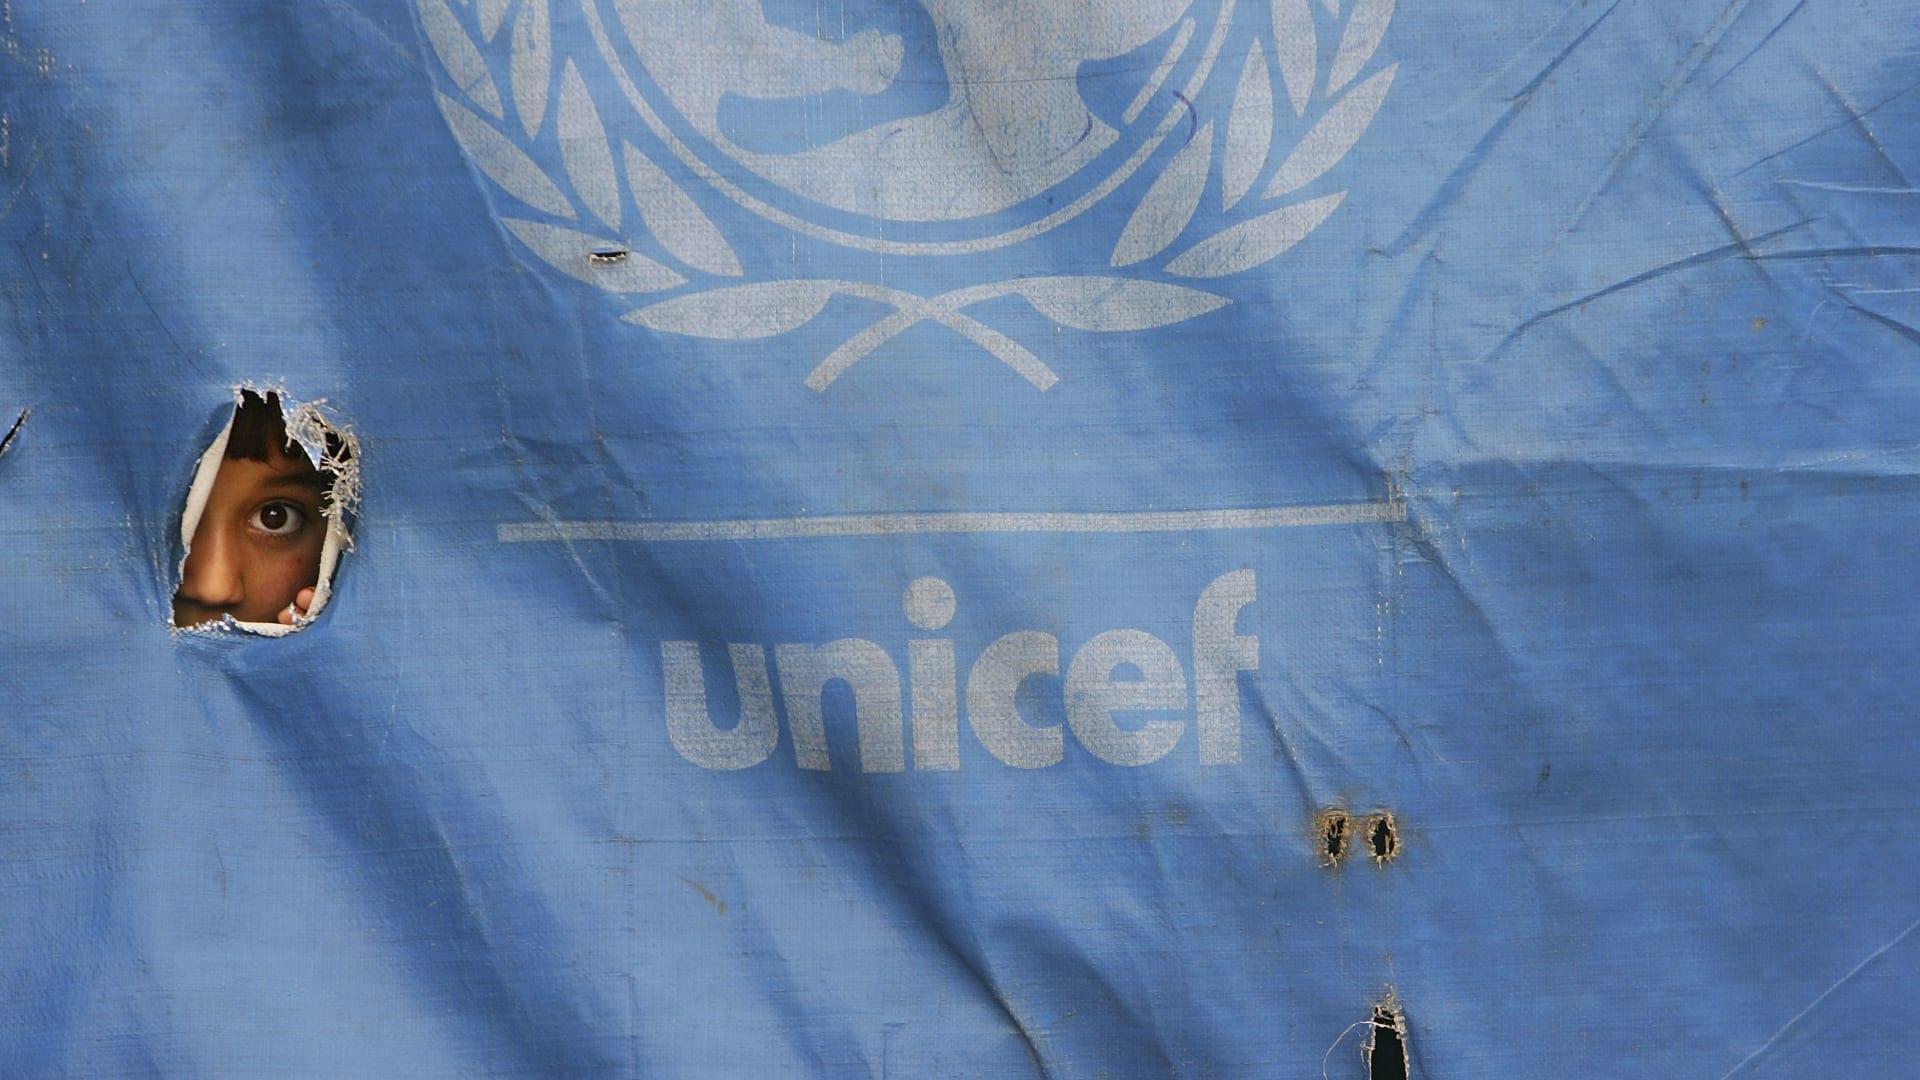 اليونيسف تحذر وتعدد تبعات كورونا المتعاظمة على الأطفال